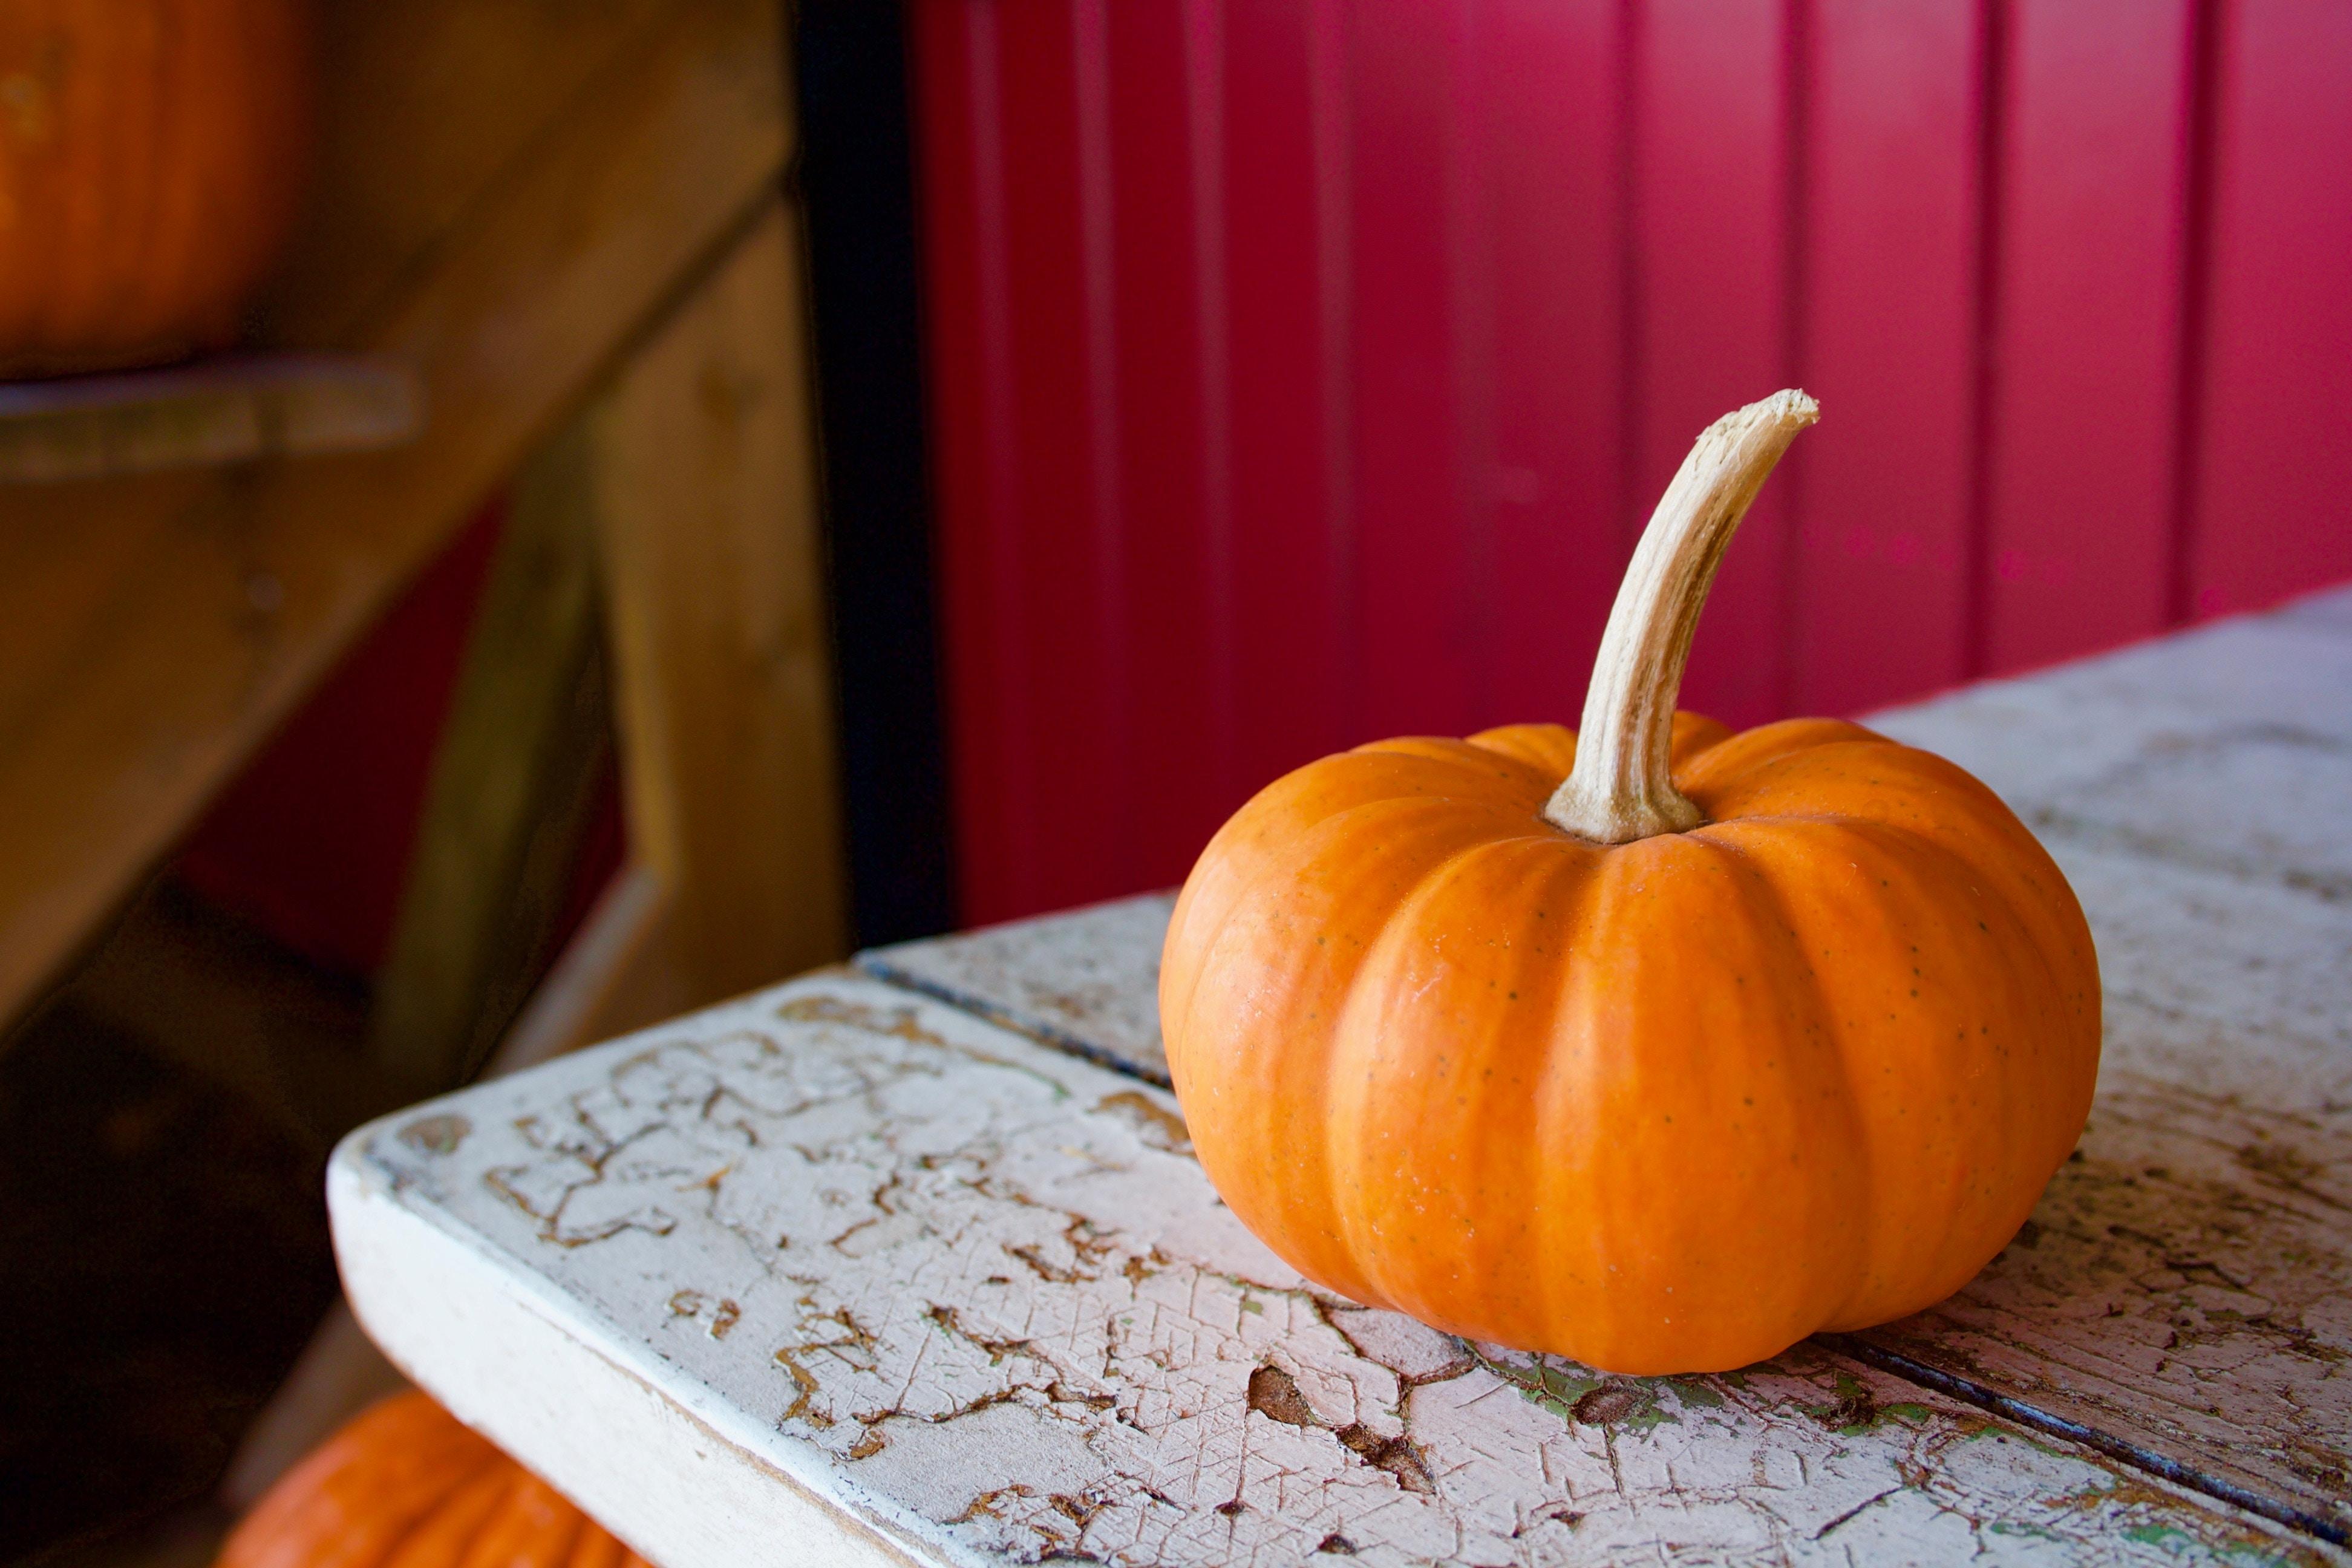 Przyszła jesień! Poznaj właściwości dyni!